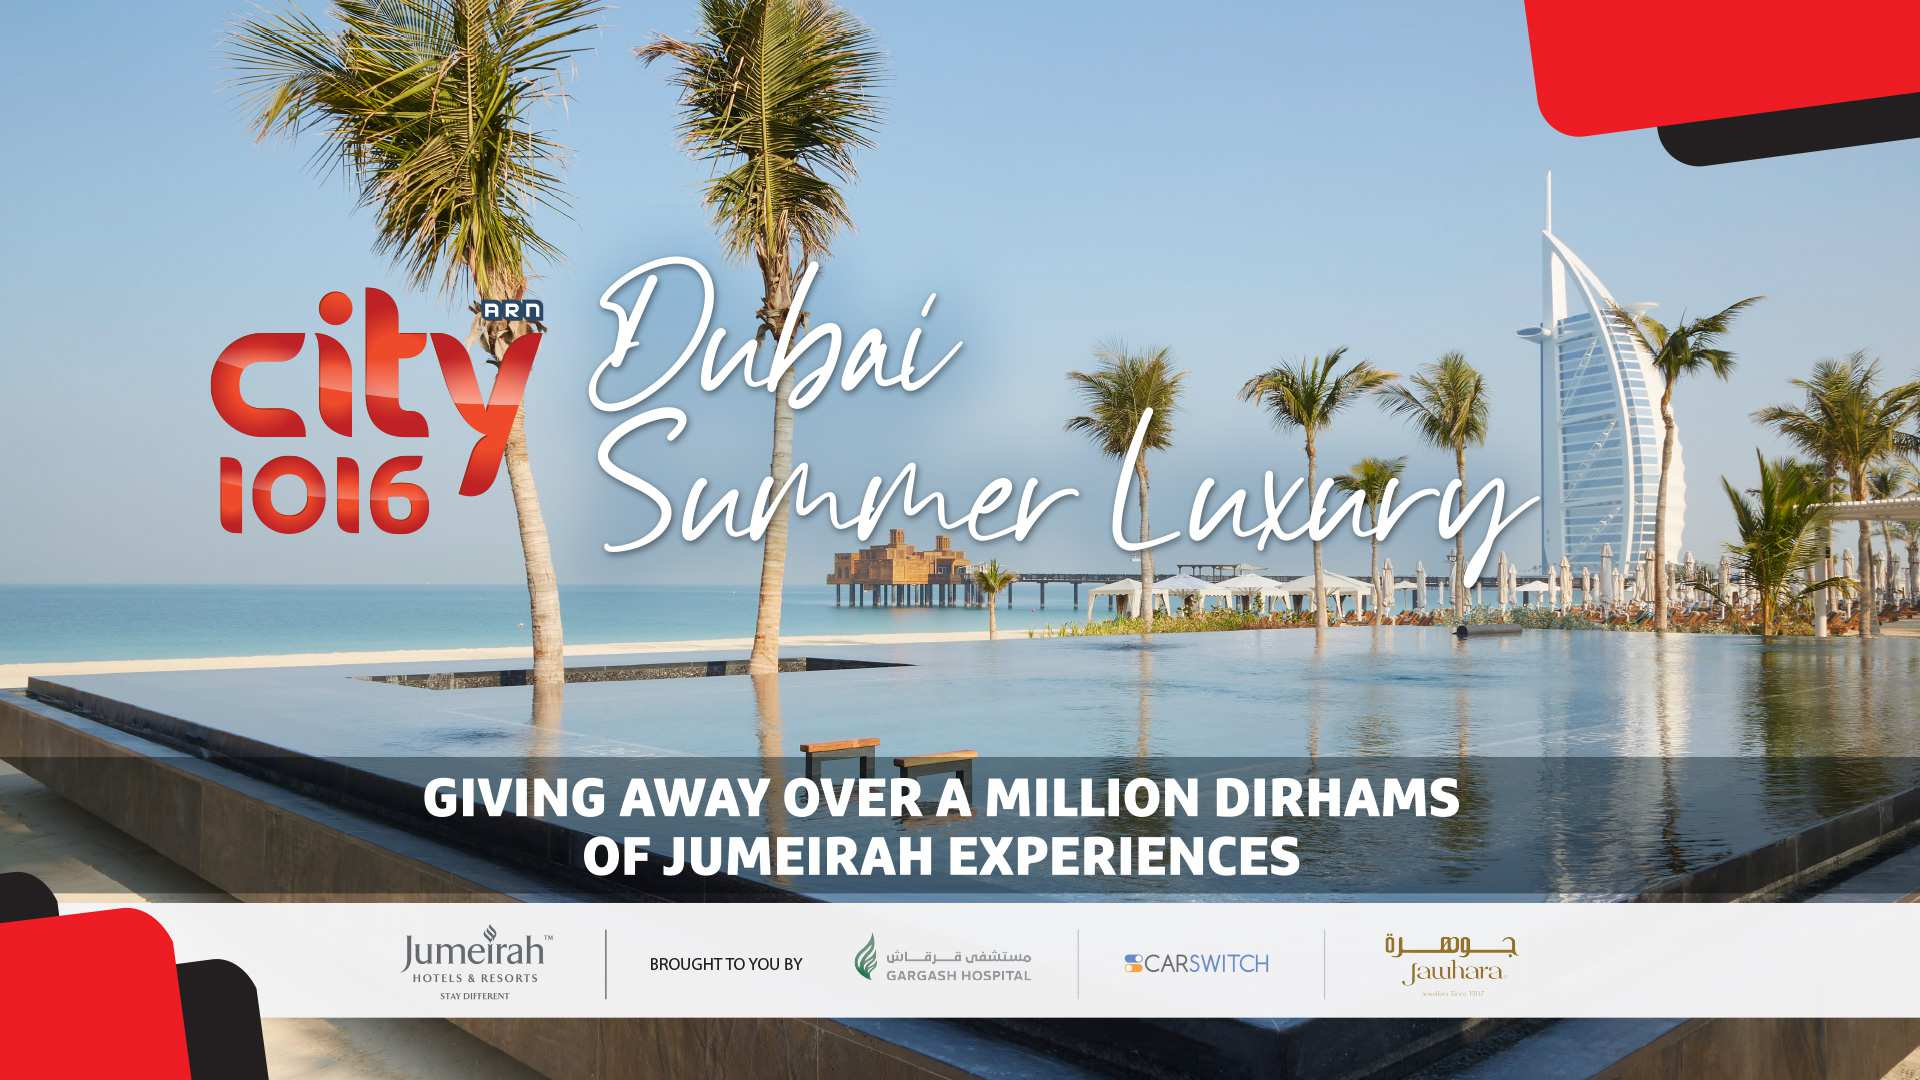 Dubai Summer Luxury